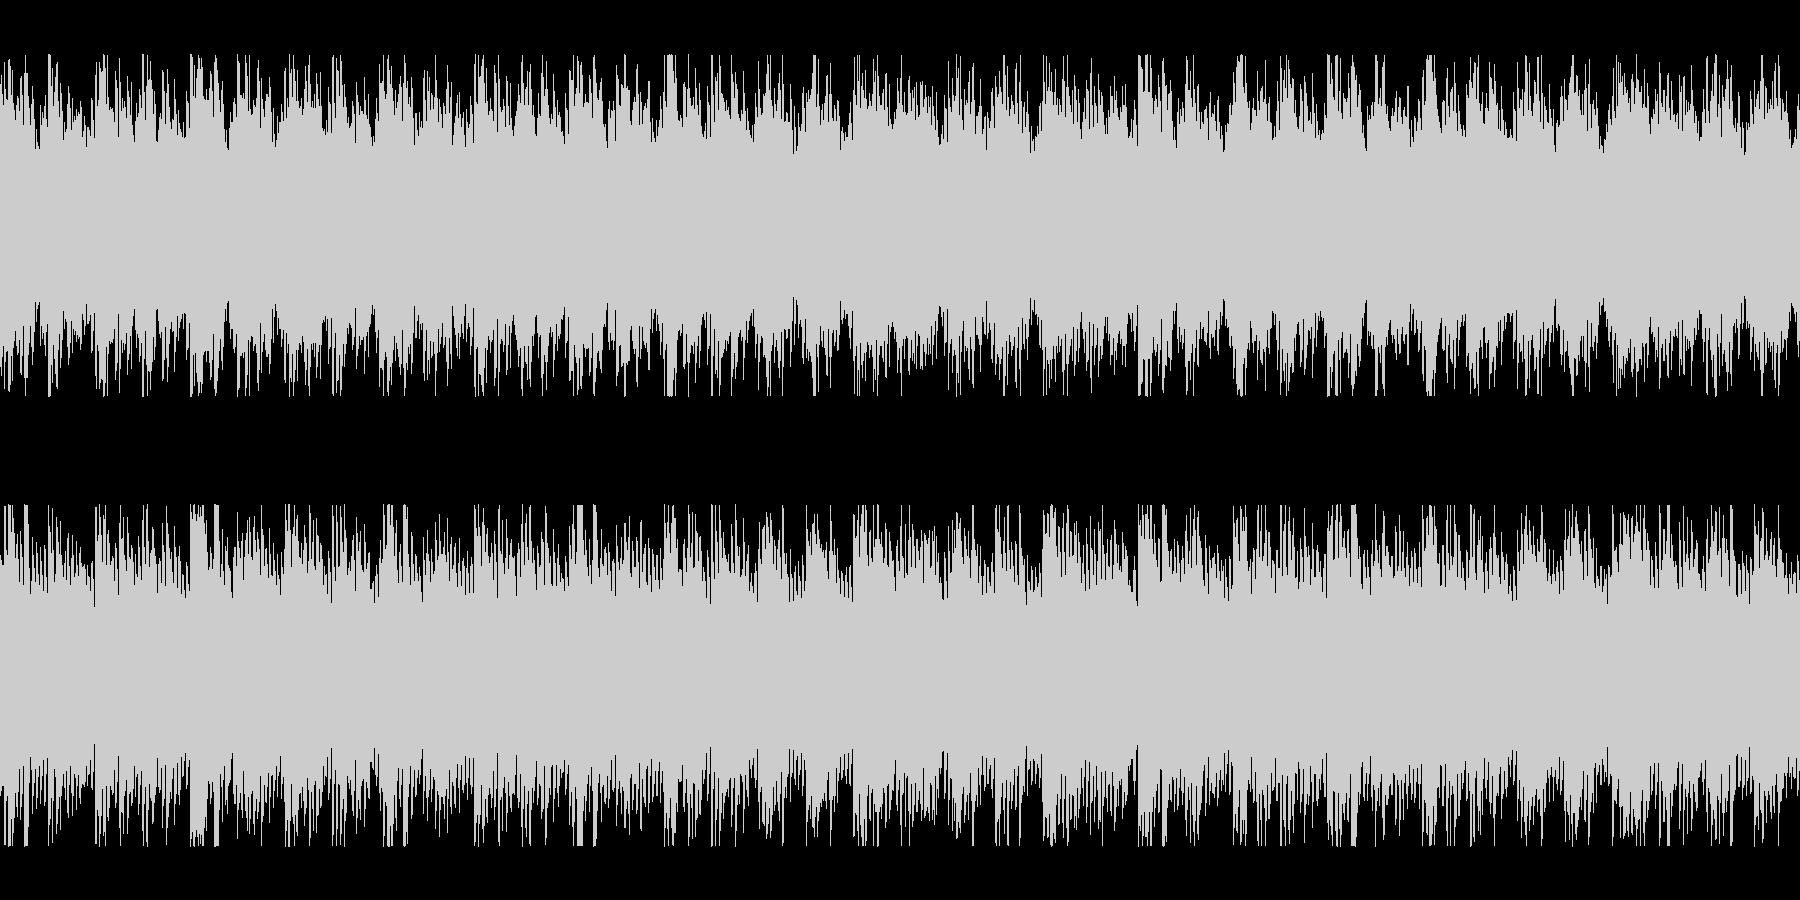 同じフレーズを繰り返すゆったりした楽曲の未再生の波形